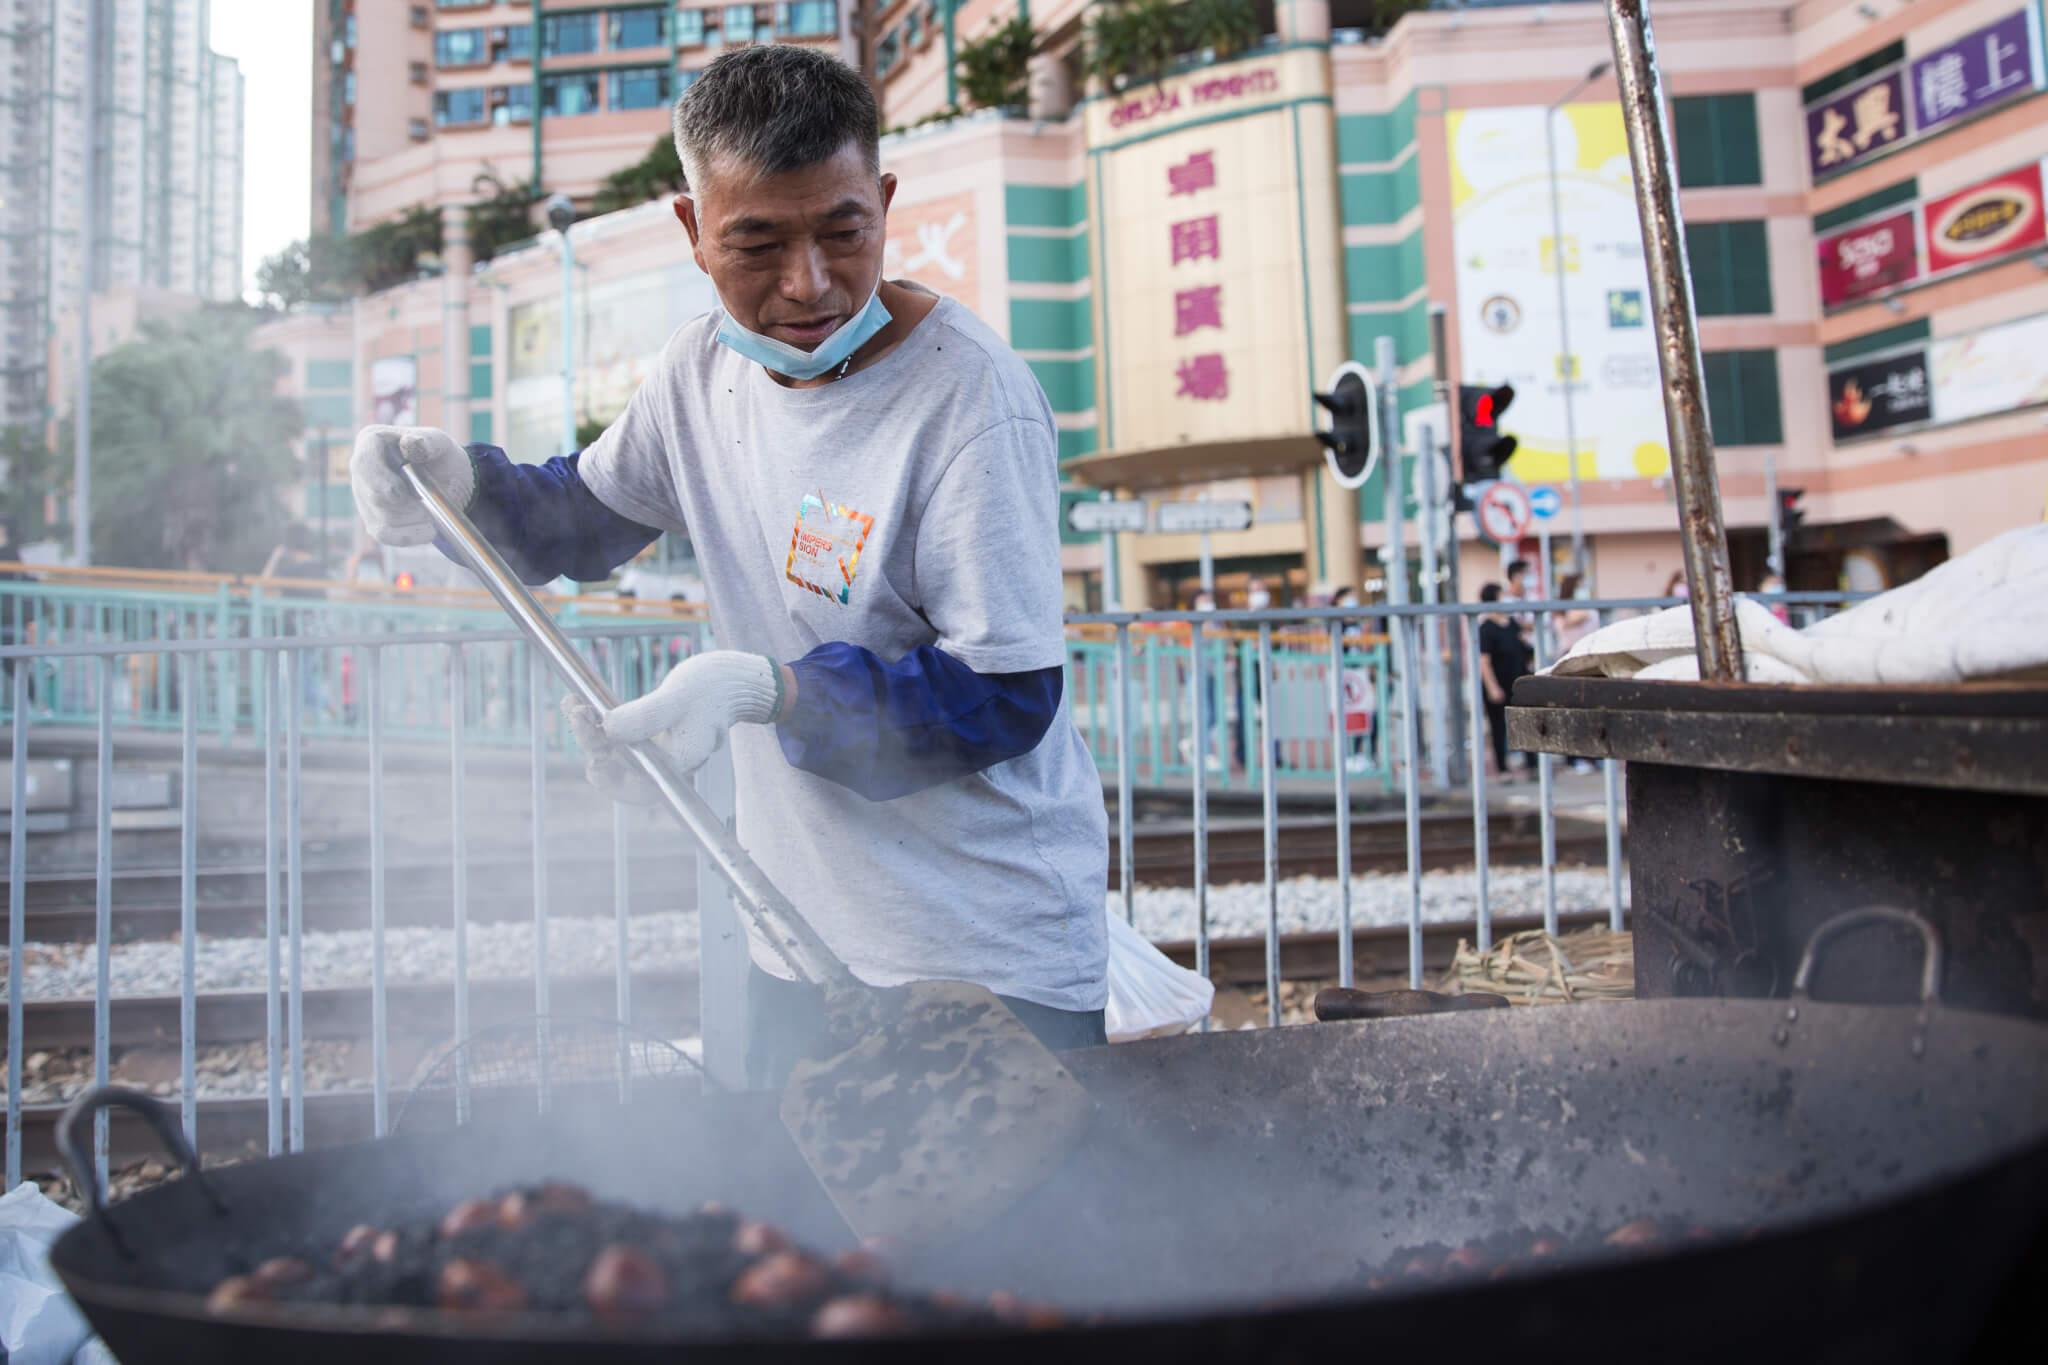 黃柔淳說,自己較愛吃栗子公,吃來較香脆。